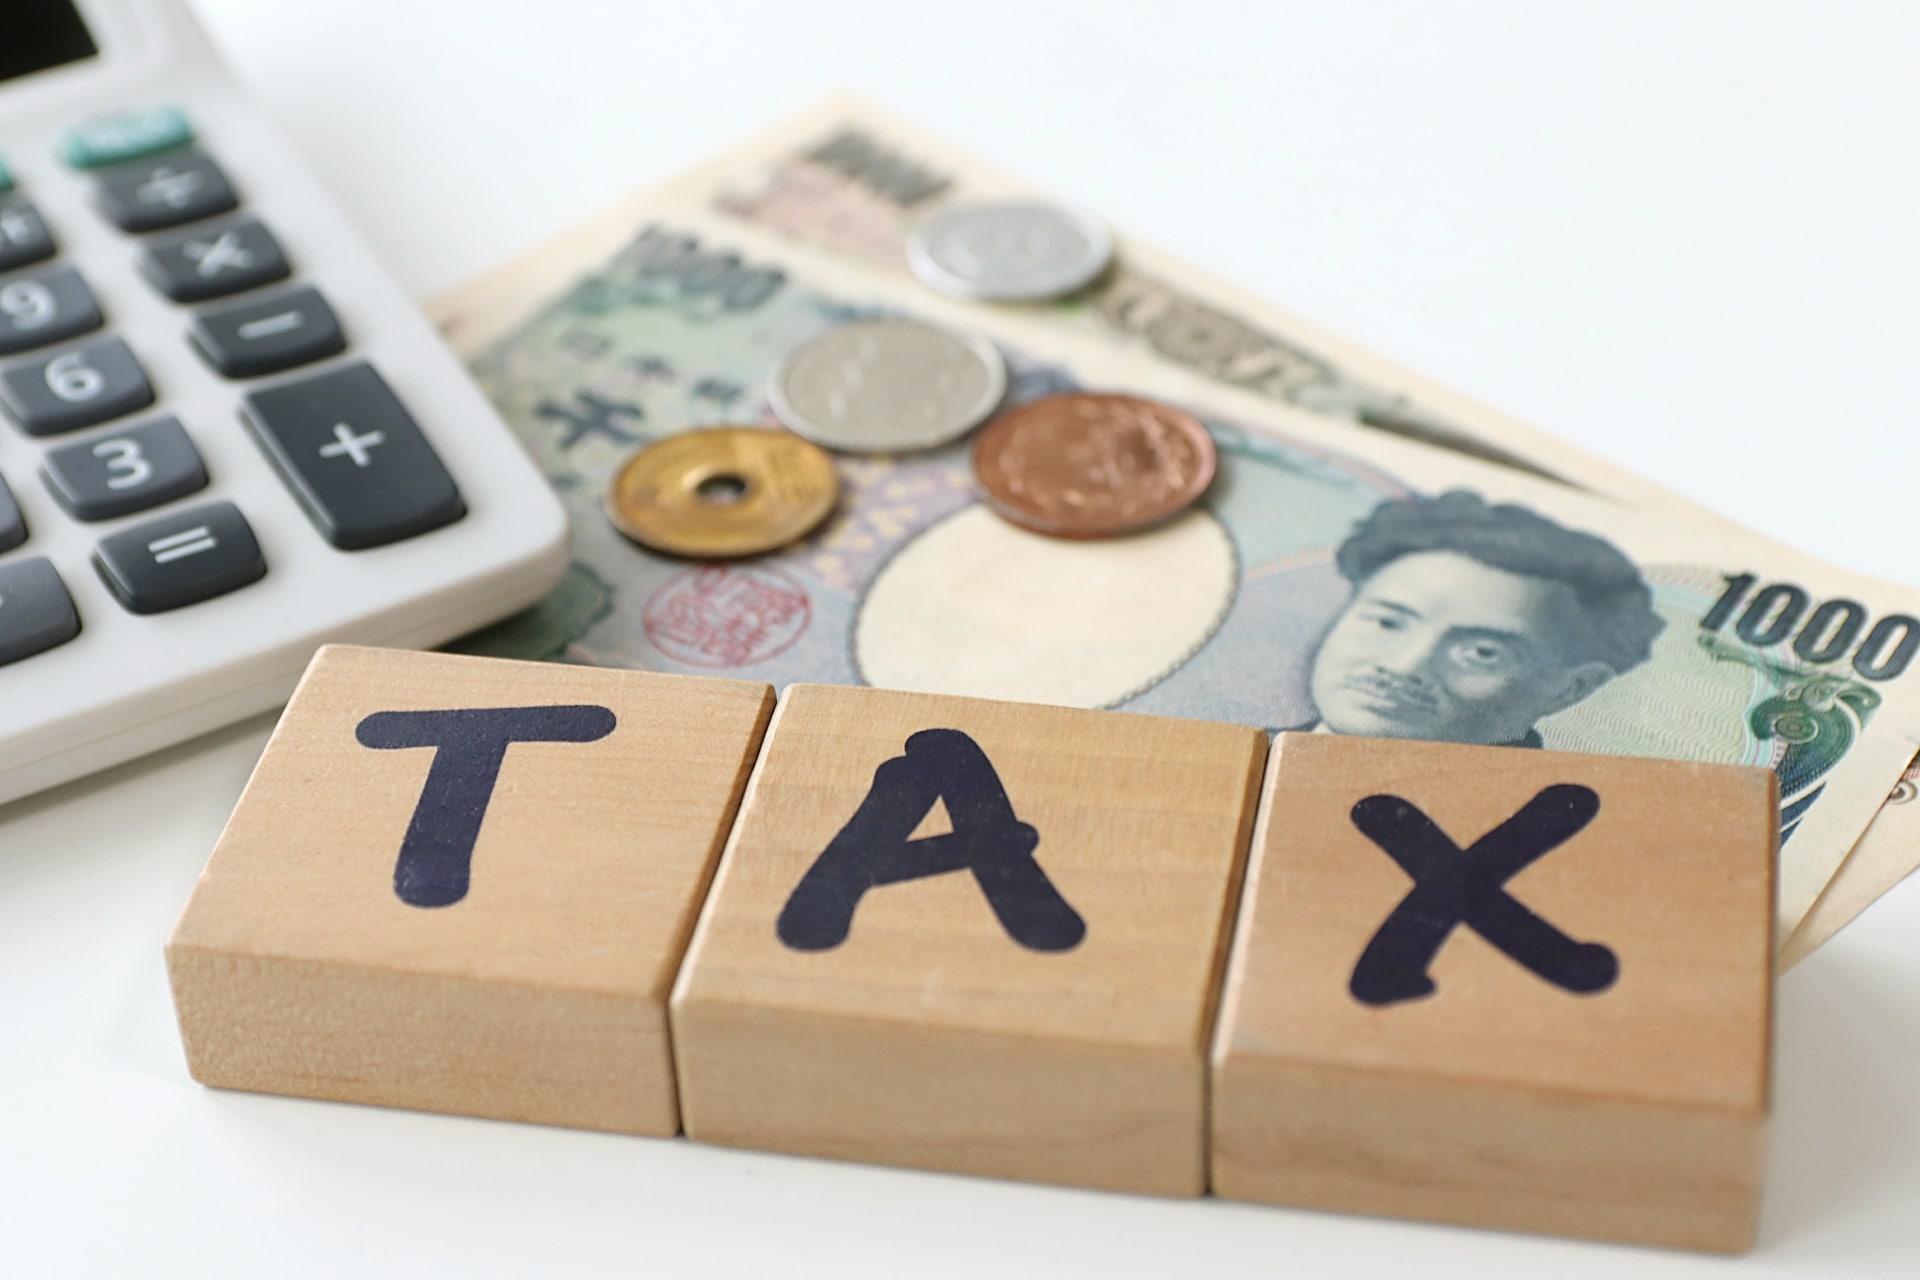 Japan tax calculators